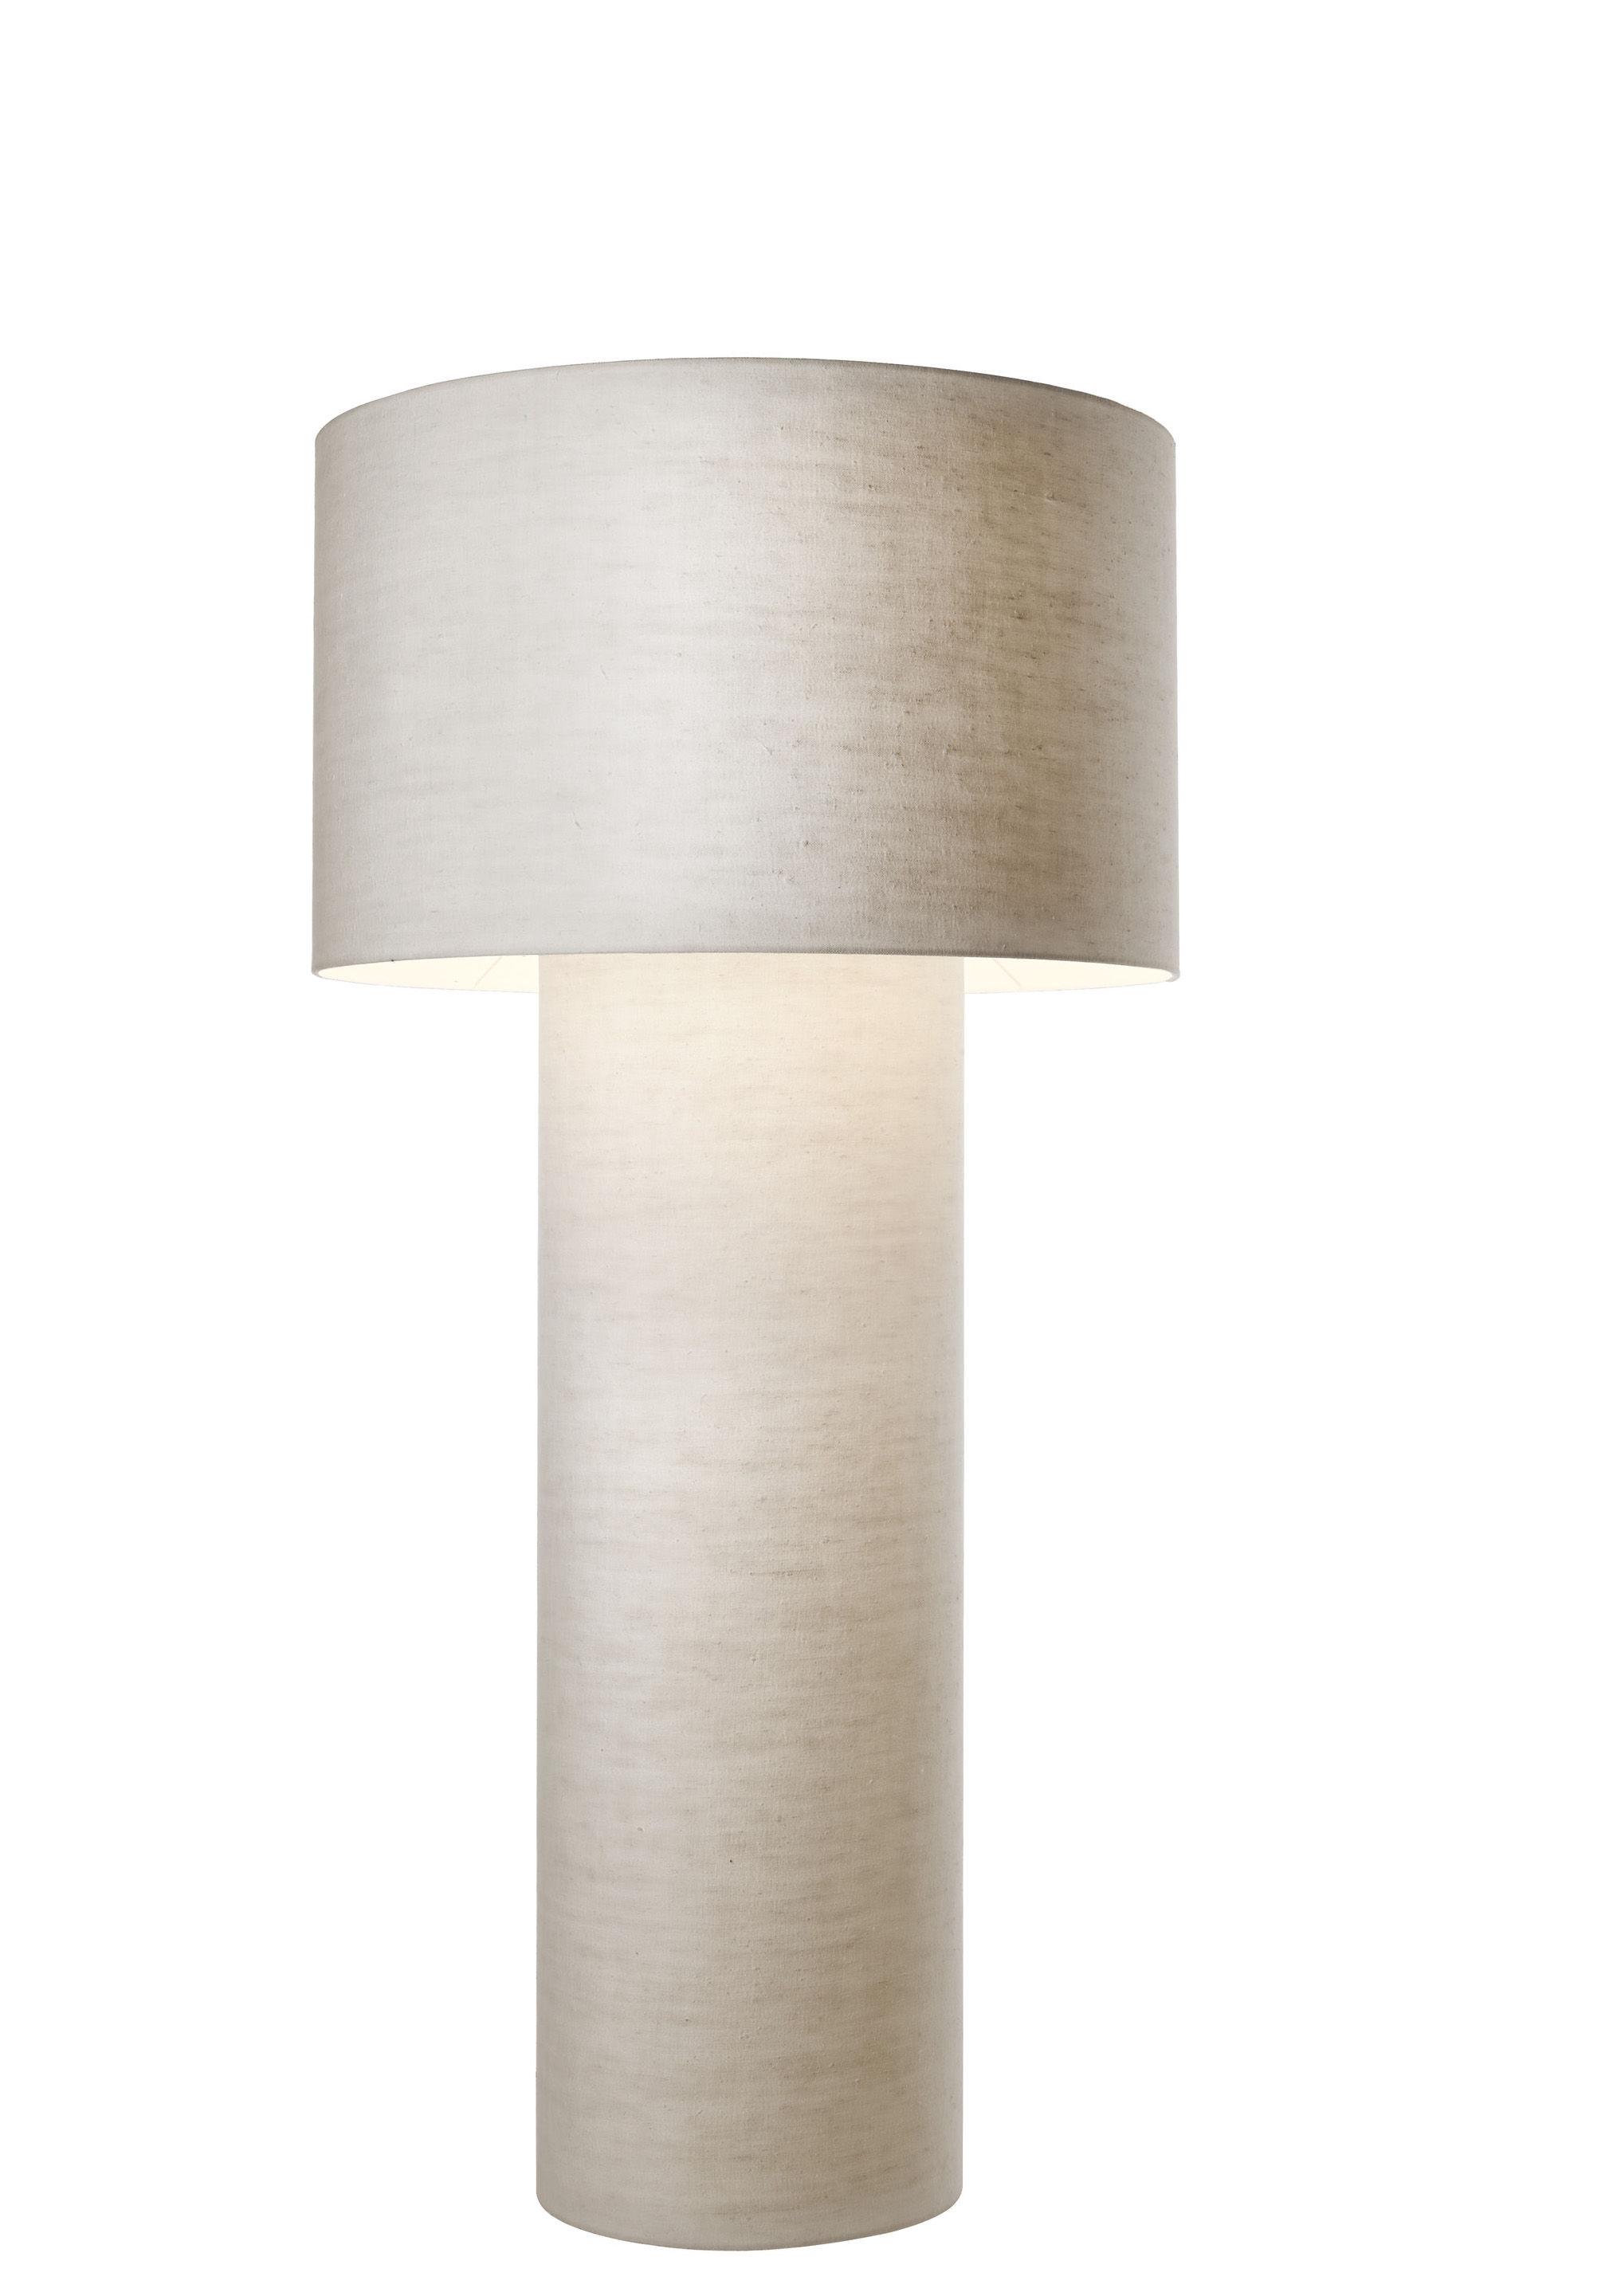 Luminaire - Lampadaires - Lampadaire Pipe Medium H 149 cm - Diesel with Foscarini - Blanc - Métal, Tissu